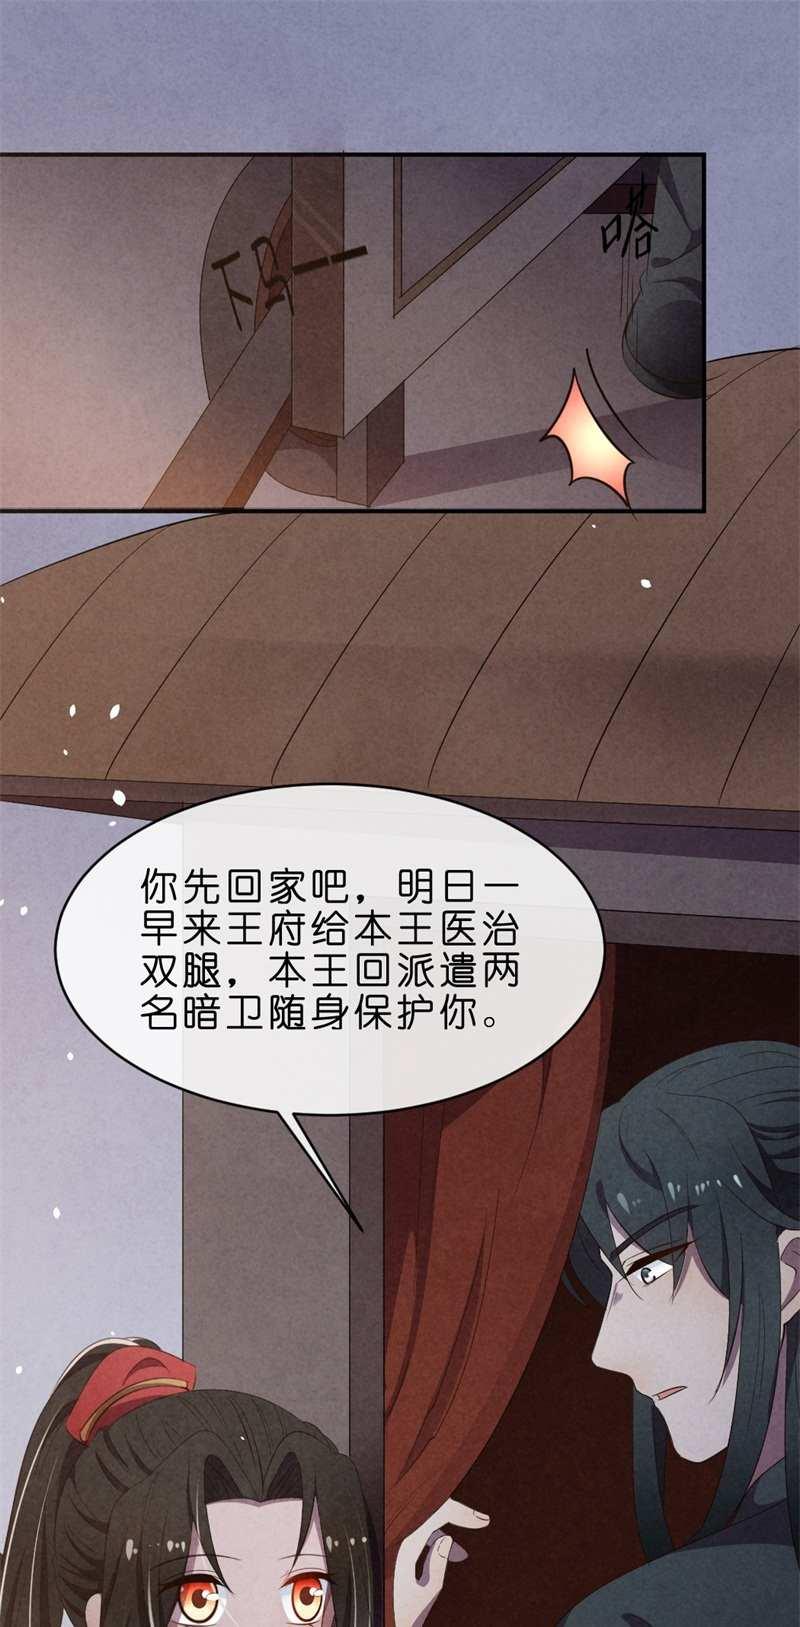 纨绔王妃要爬墙第10话  第10话 清歌和清清 第 13